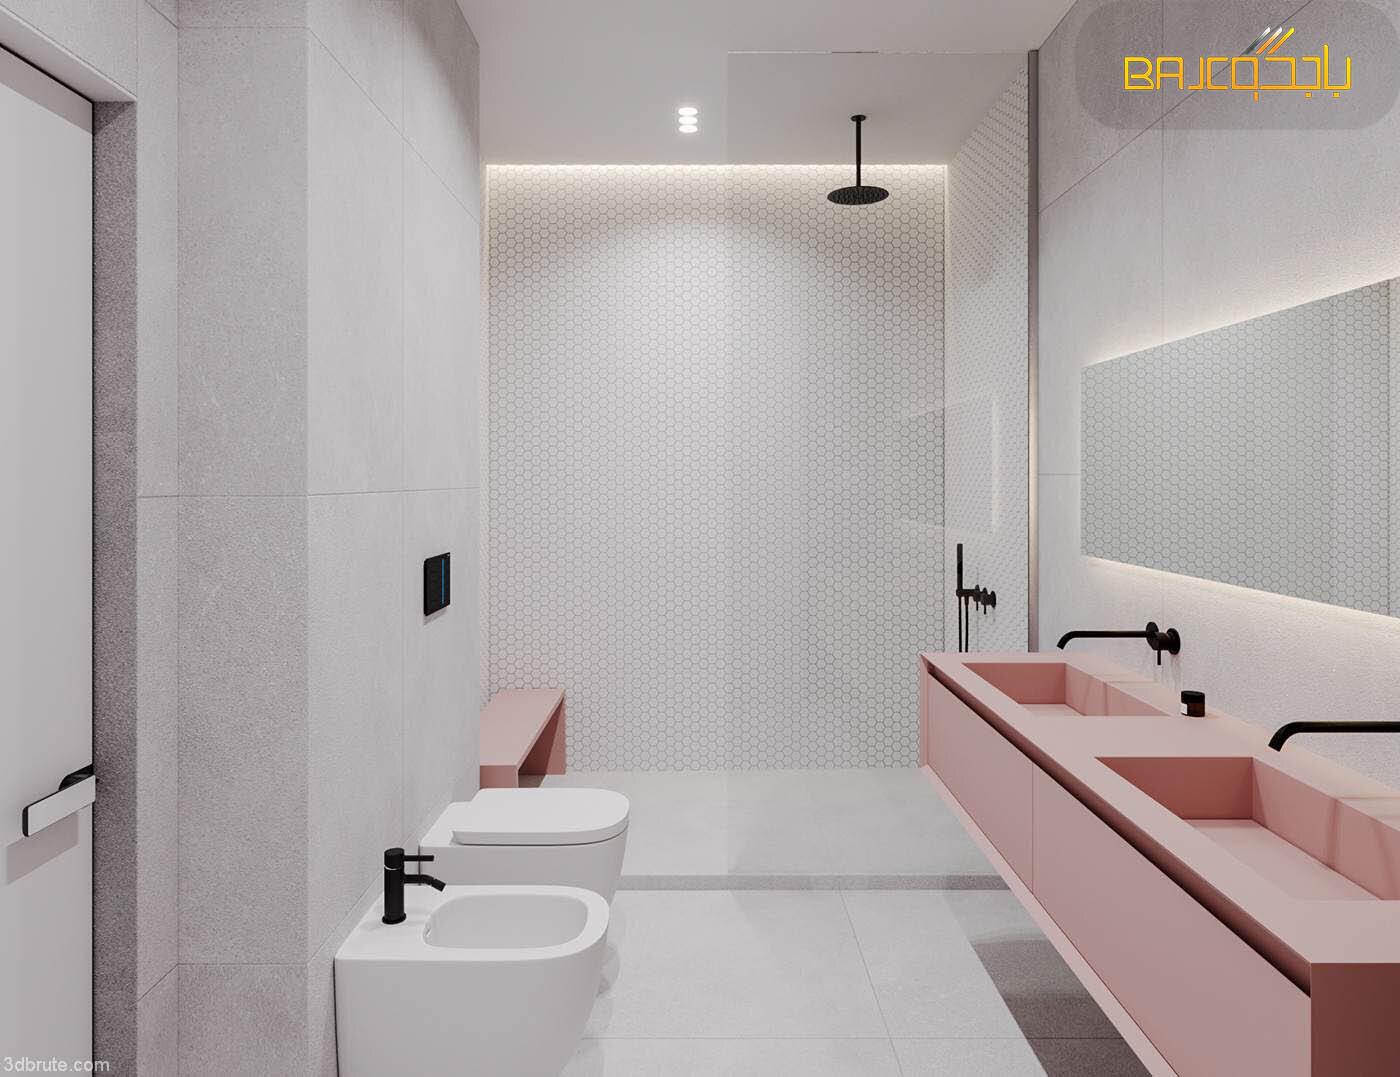 مغسلة داخل الحمام رخام صناعي حوضين